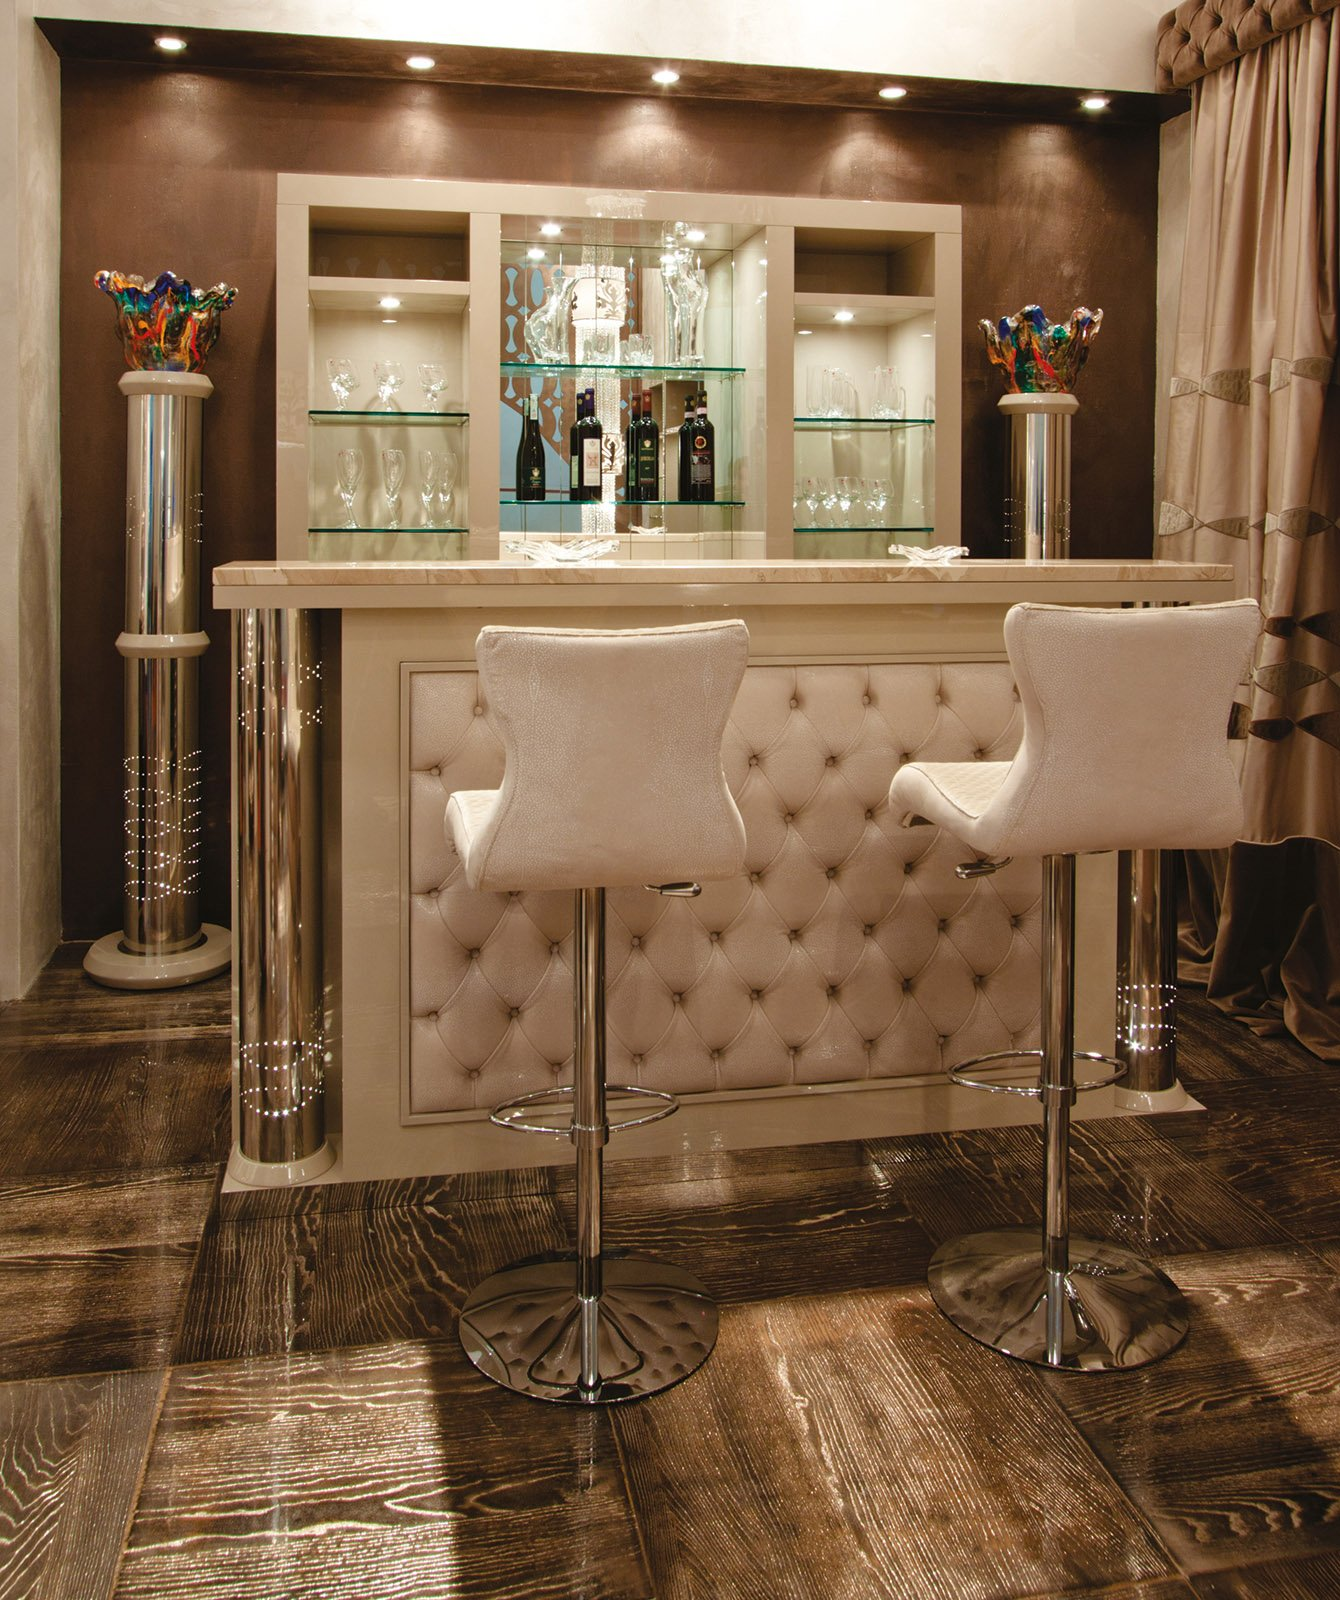 Mobile bar a casa per brindare e fare festa con amici e for Mobile salotto angolare